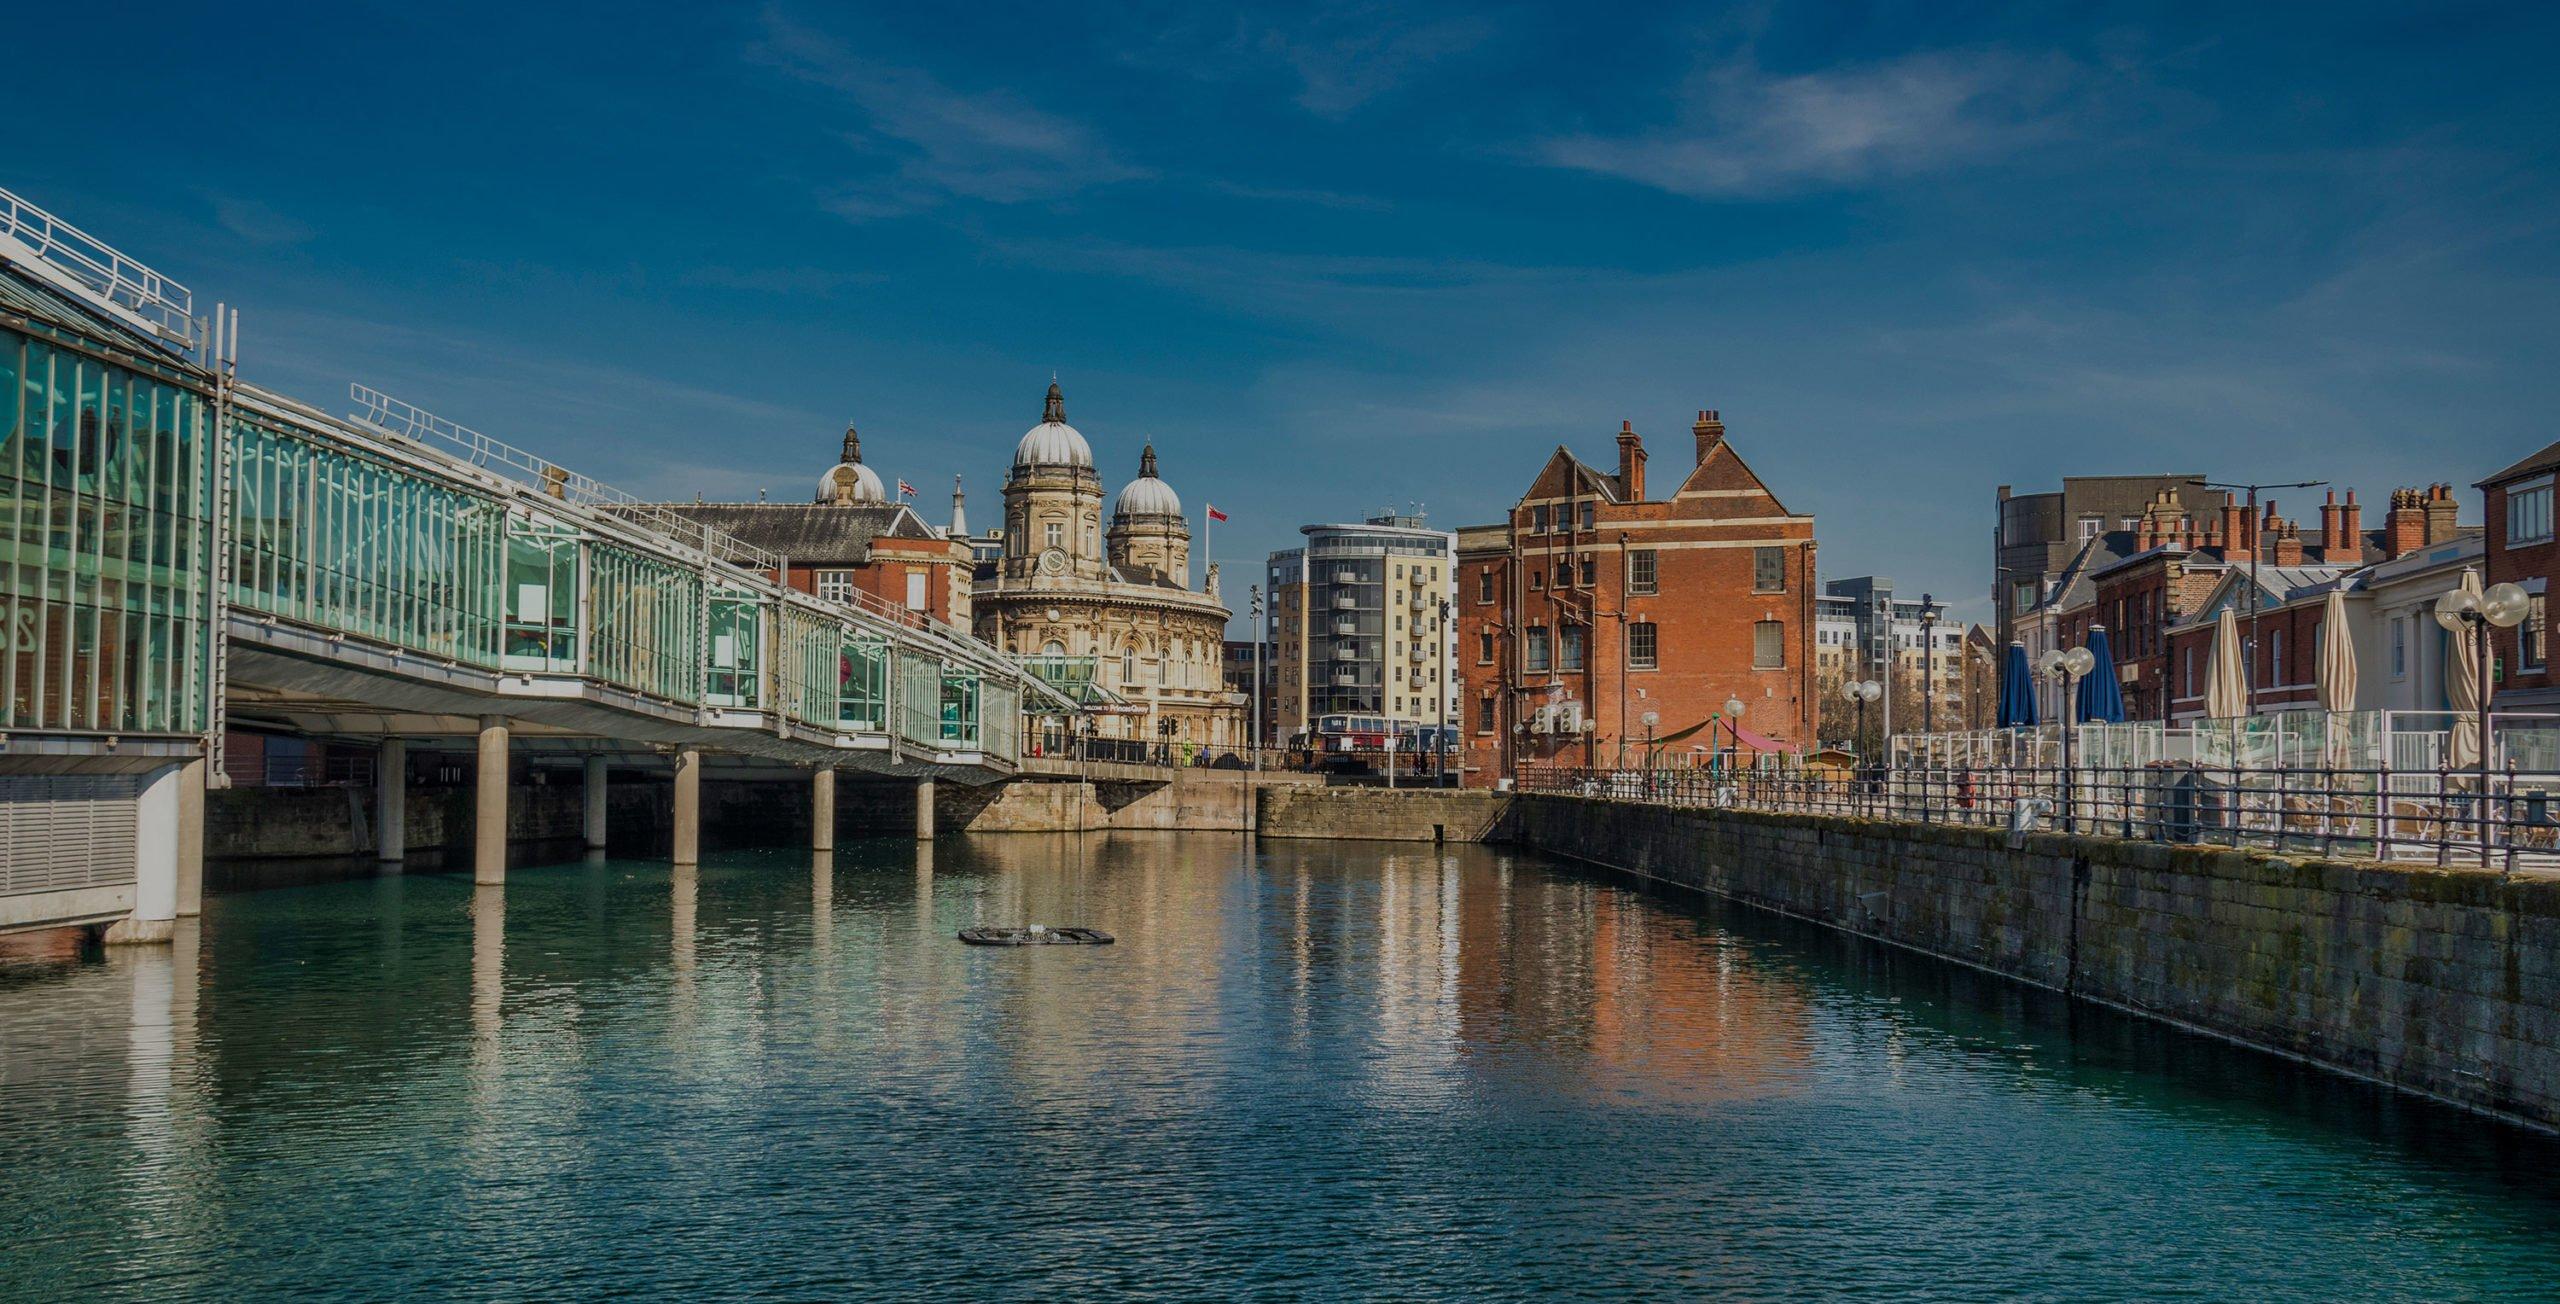 Hull Quay